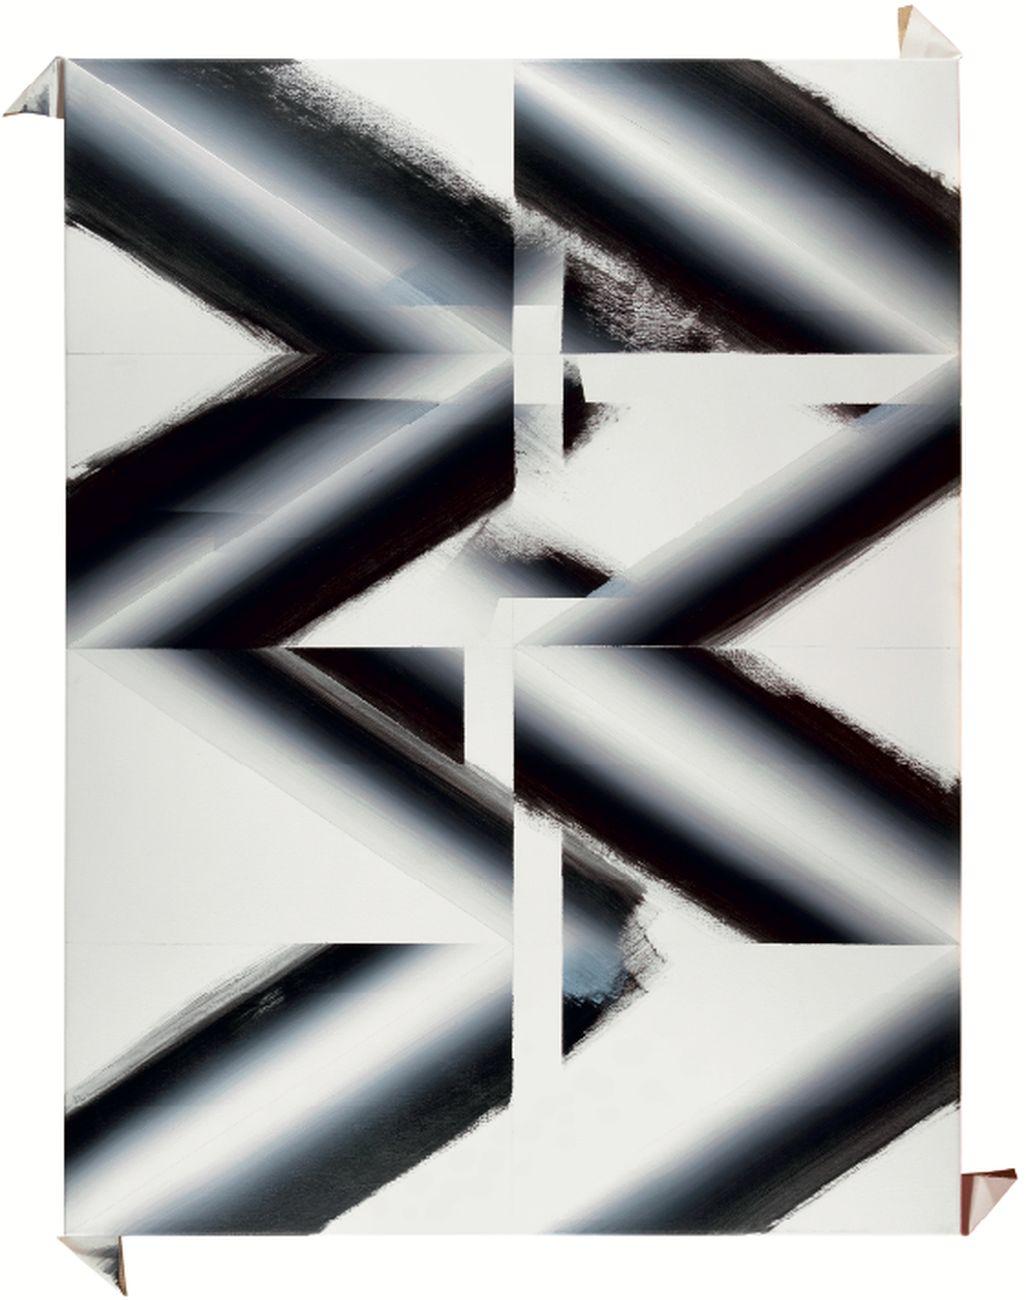 Stanislao Di Giugno, Wien sensation #8, 2015, acrylic and plaster on canvas,120x90 cm